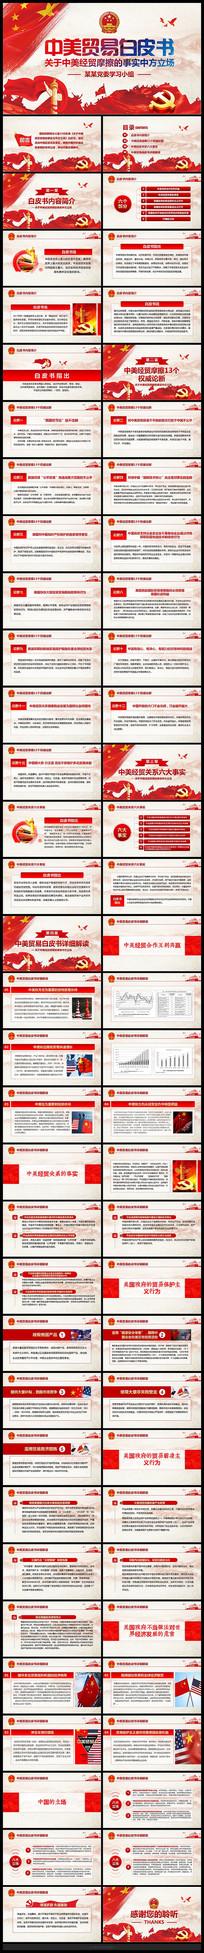 中美贸易白皮书解读PPT